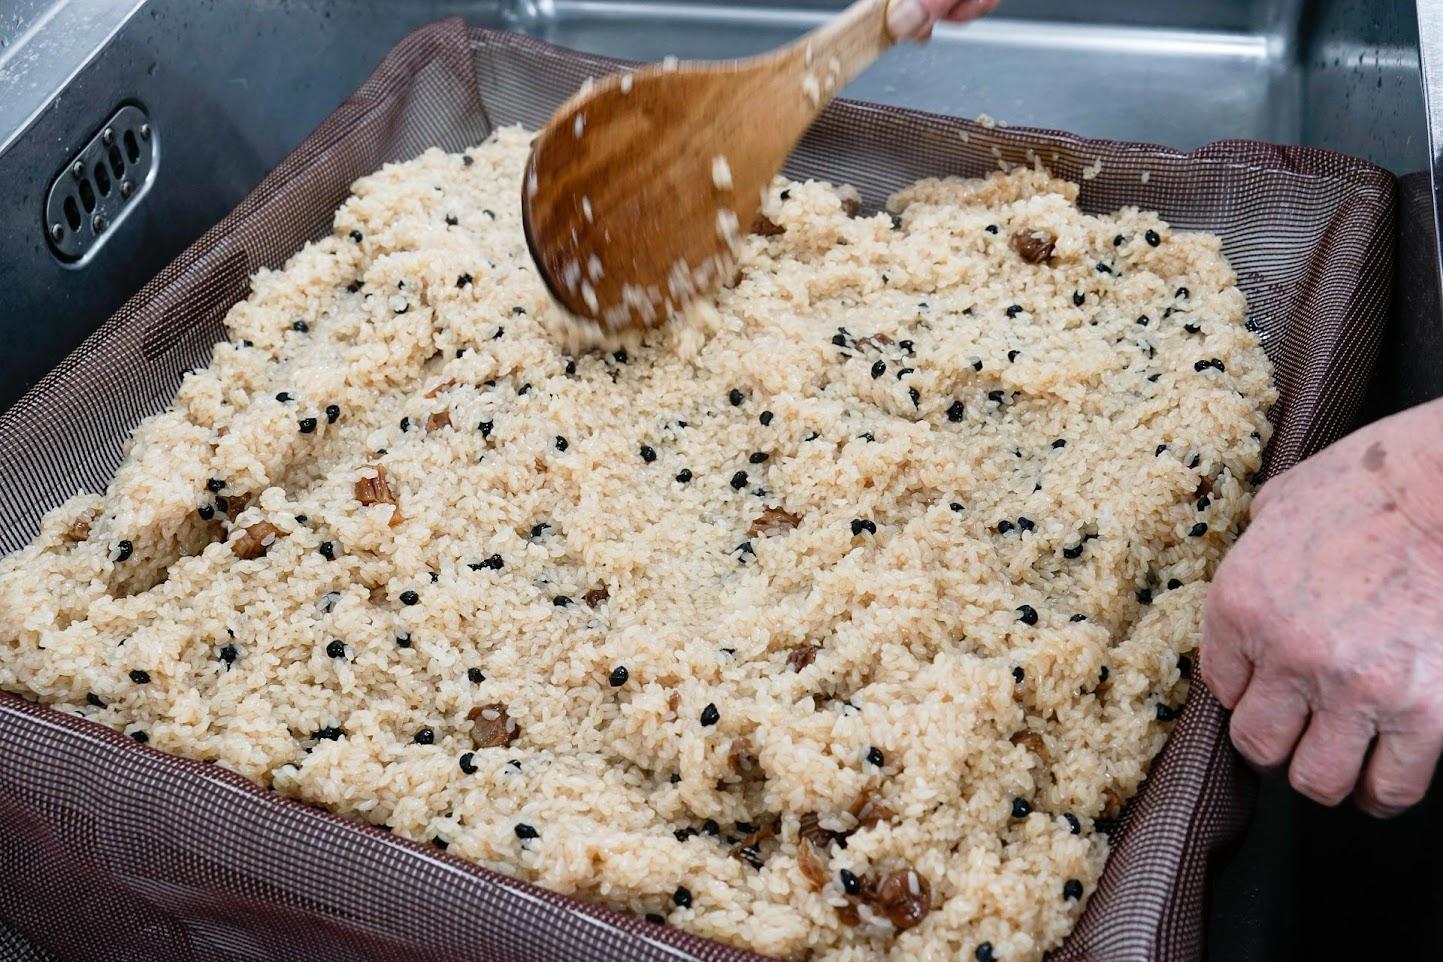 汁を混ぜたもち米を広げ、再び蒸す